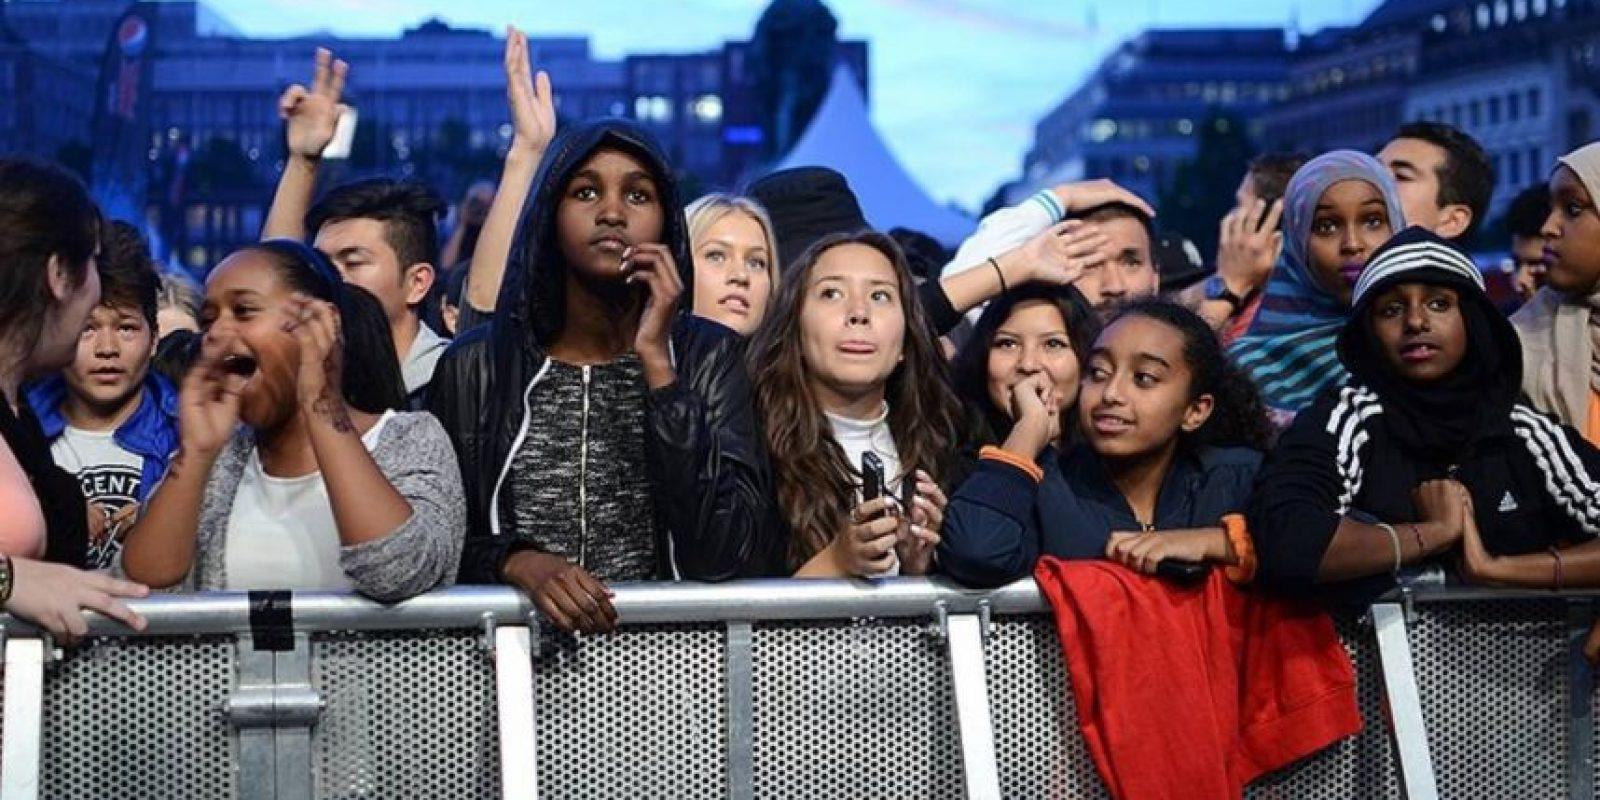 En su mayoría las víctimas fueron jóvenes y adolescentes que señalaron con orígenes migrantes. Foto:Vía Instagram